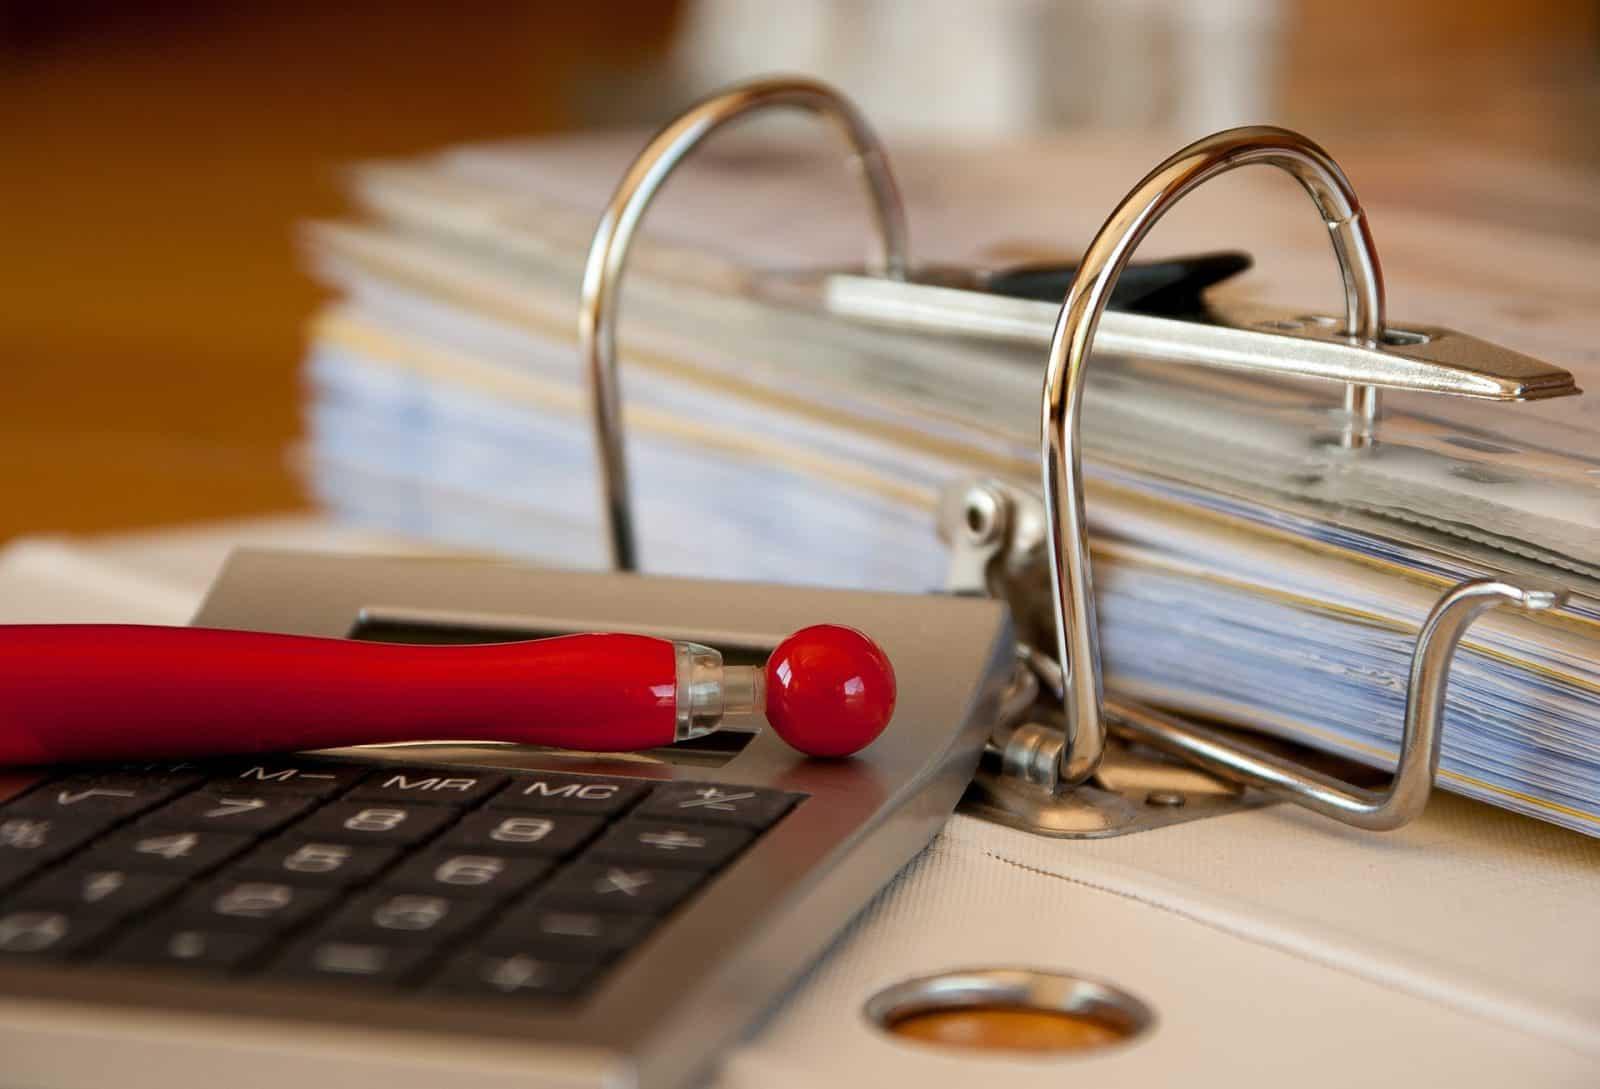 Facturation : exigences posées par la TVA en matière d'établissement des factures : 7 points à respecter !